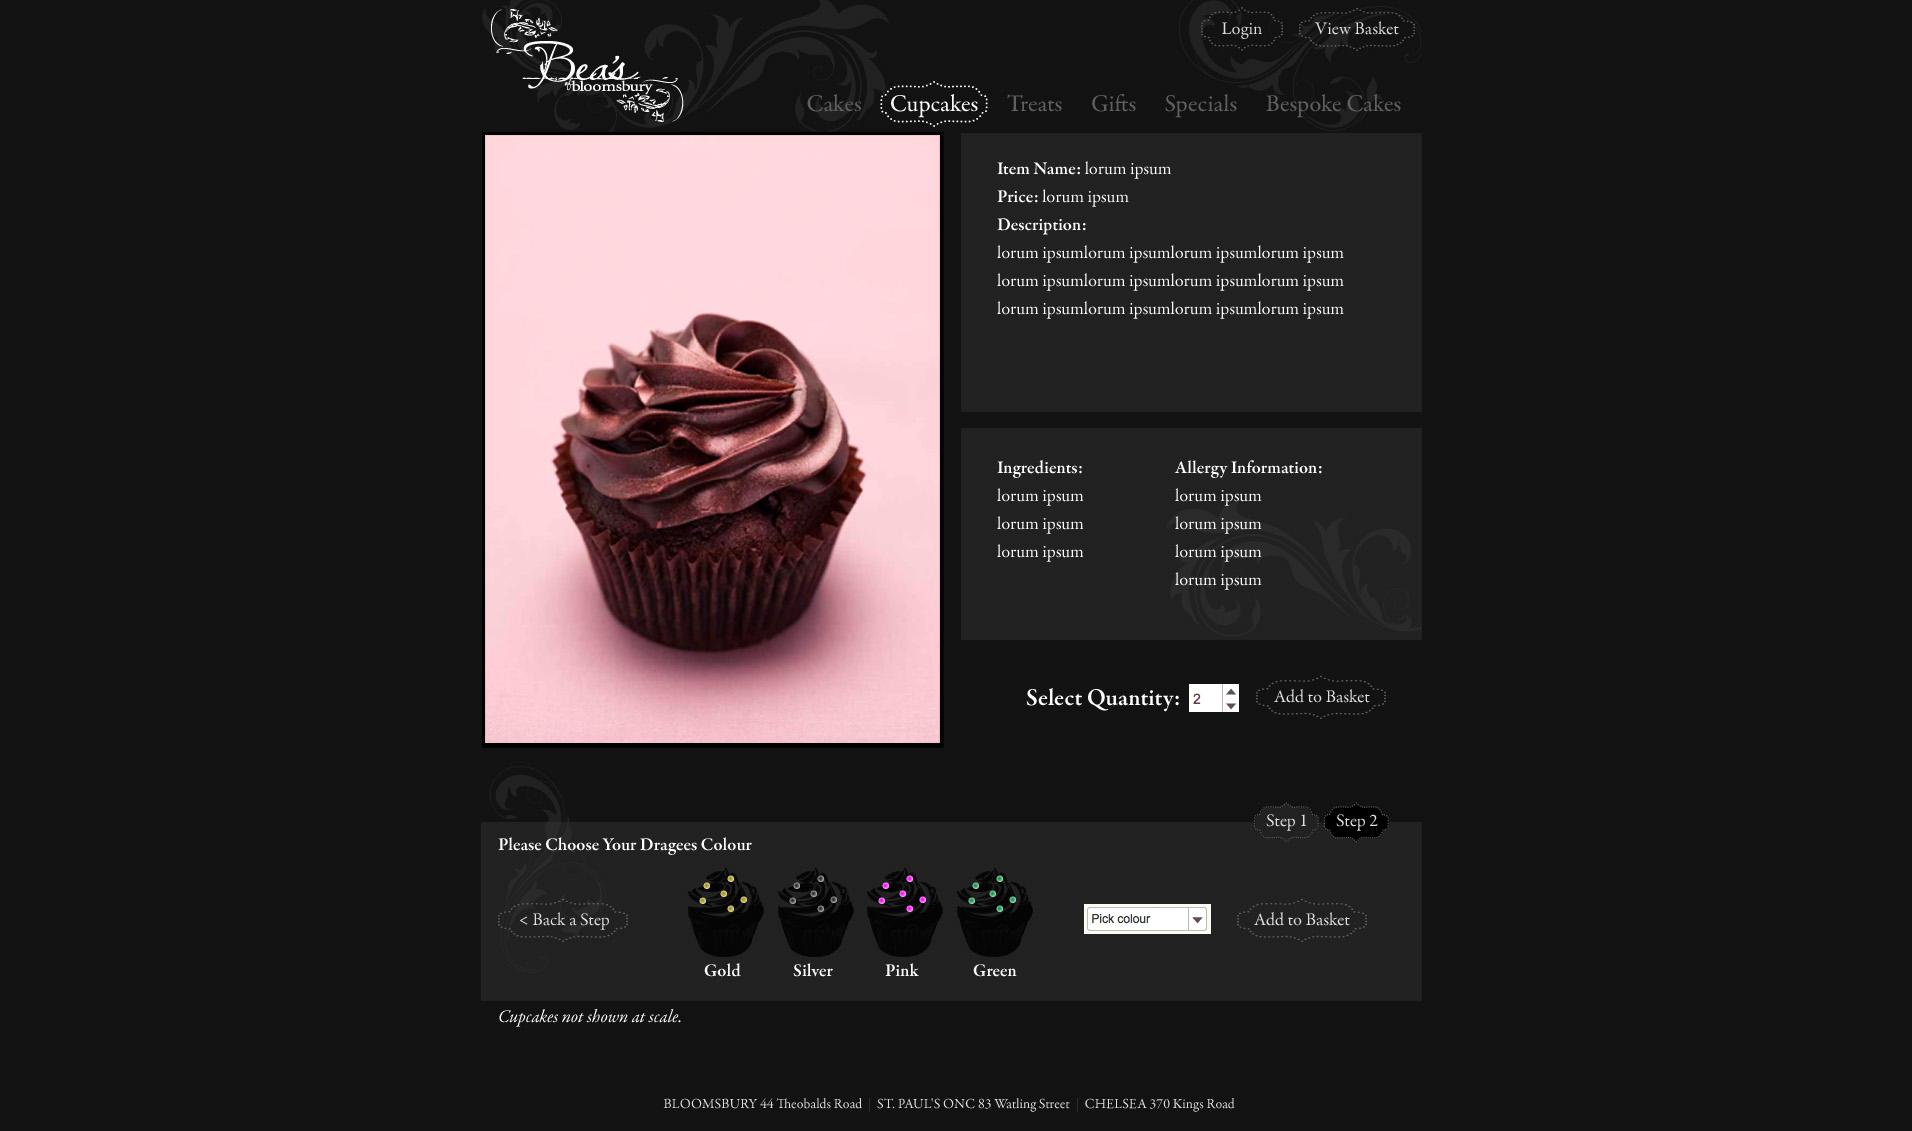 Bea's of Bloomsbury Website Ordering Step